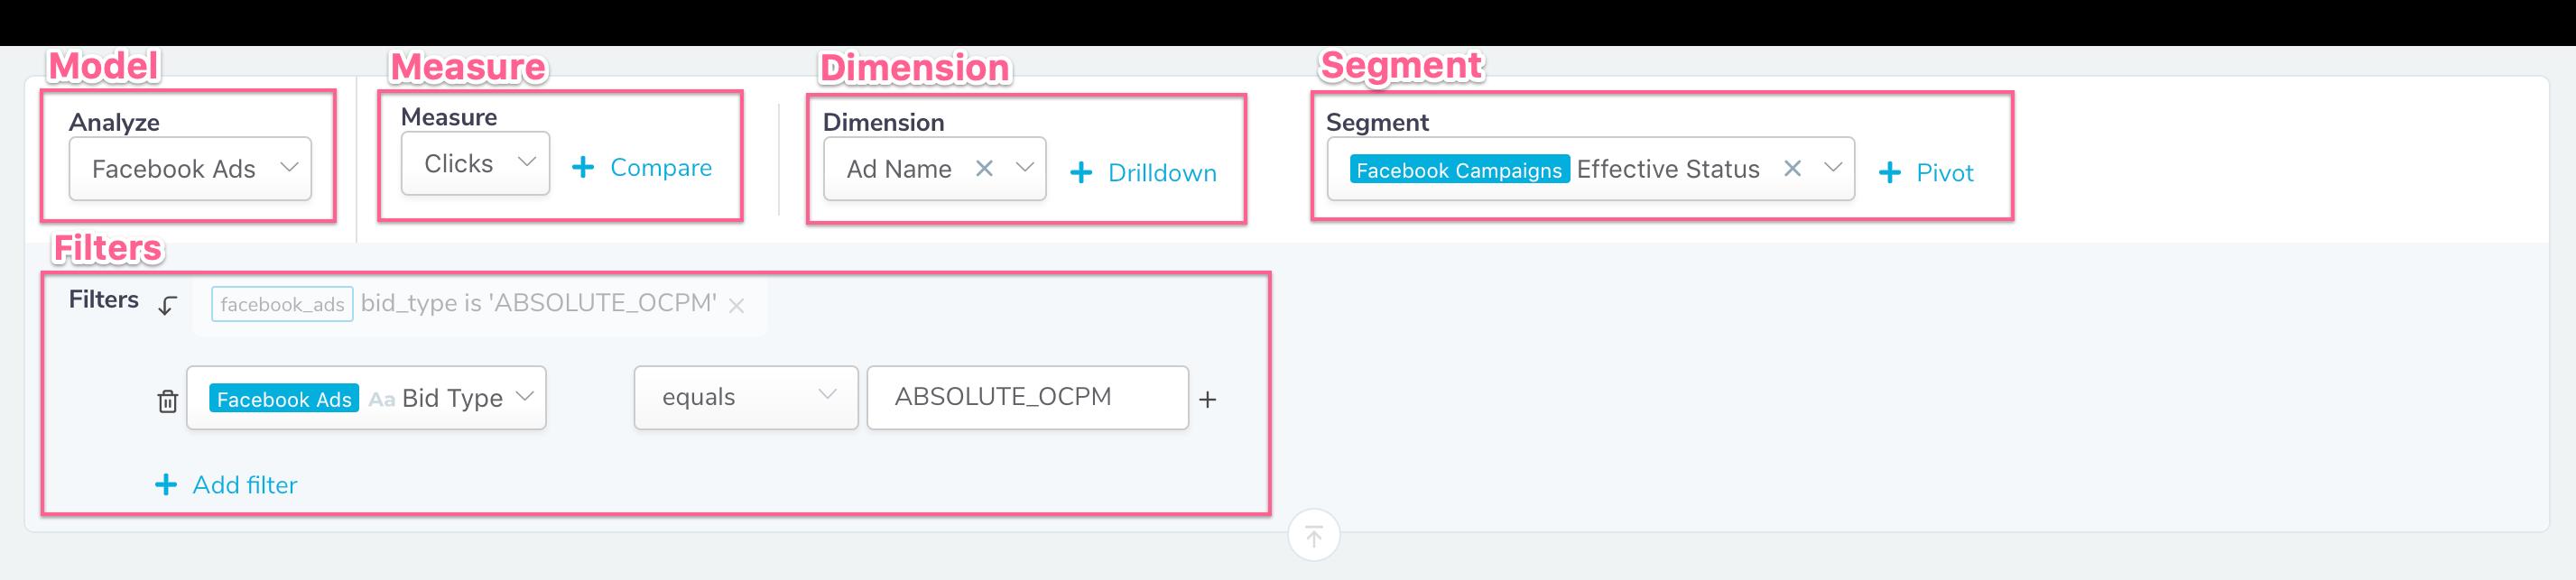 Segmentation query builder